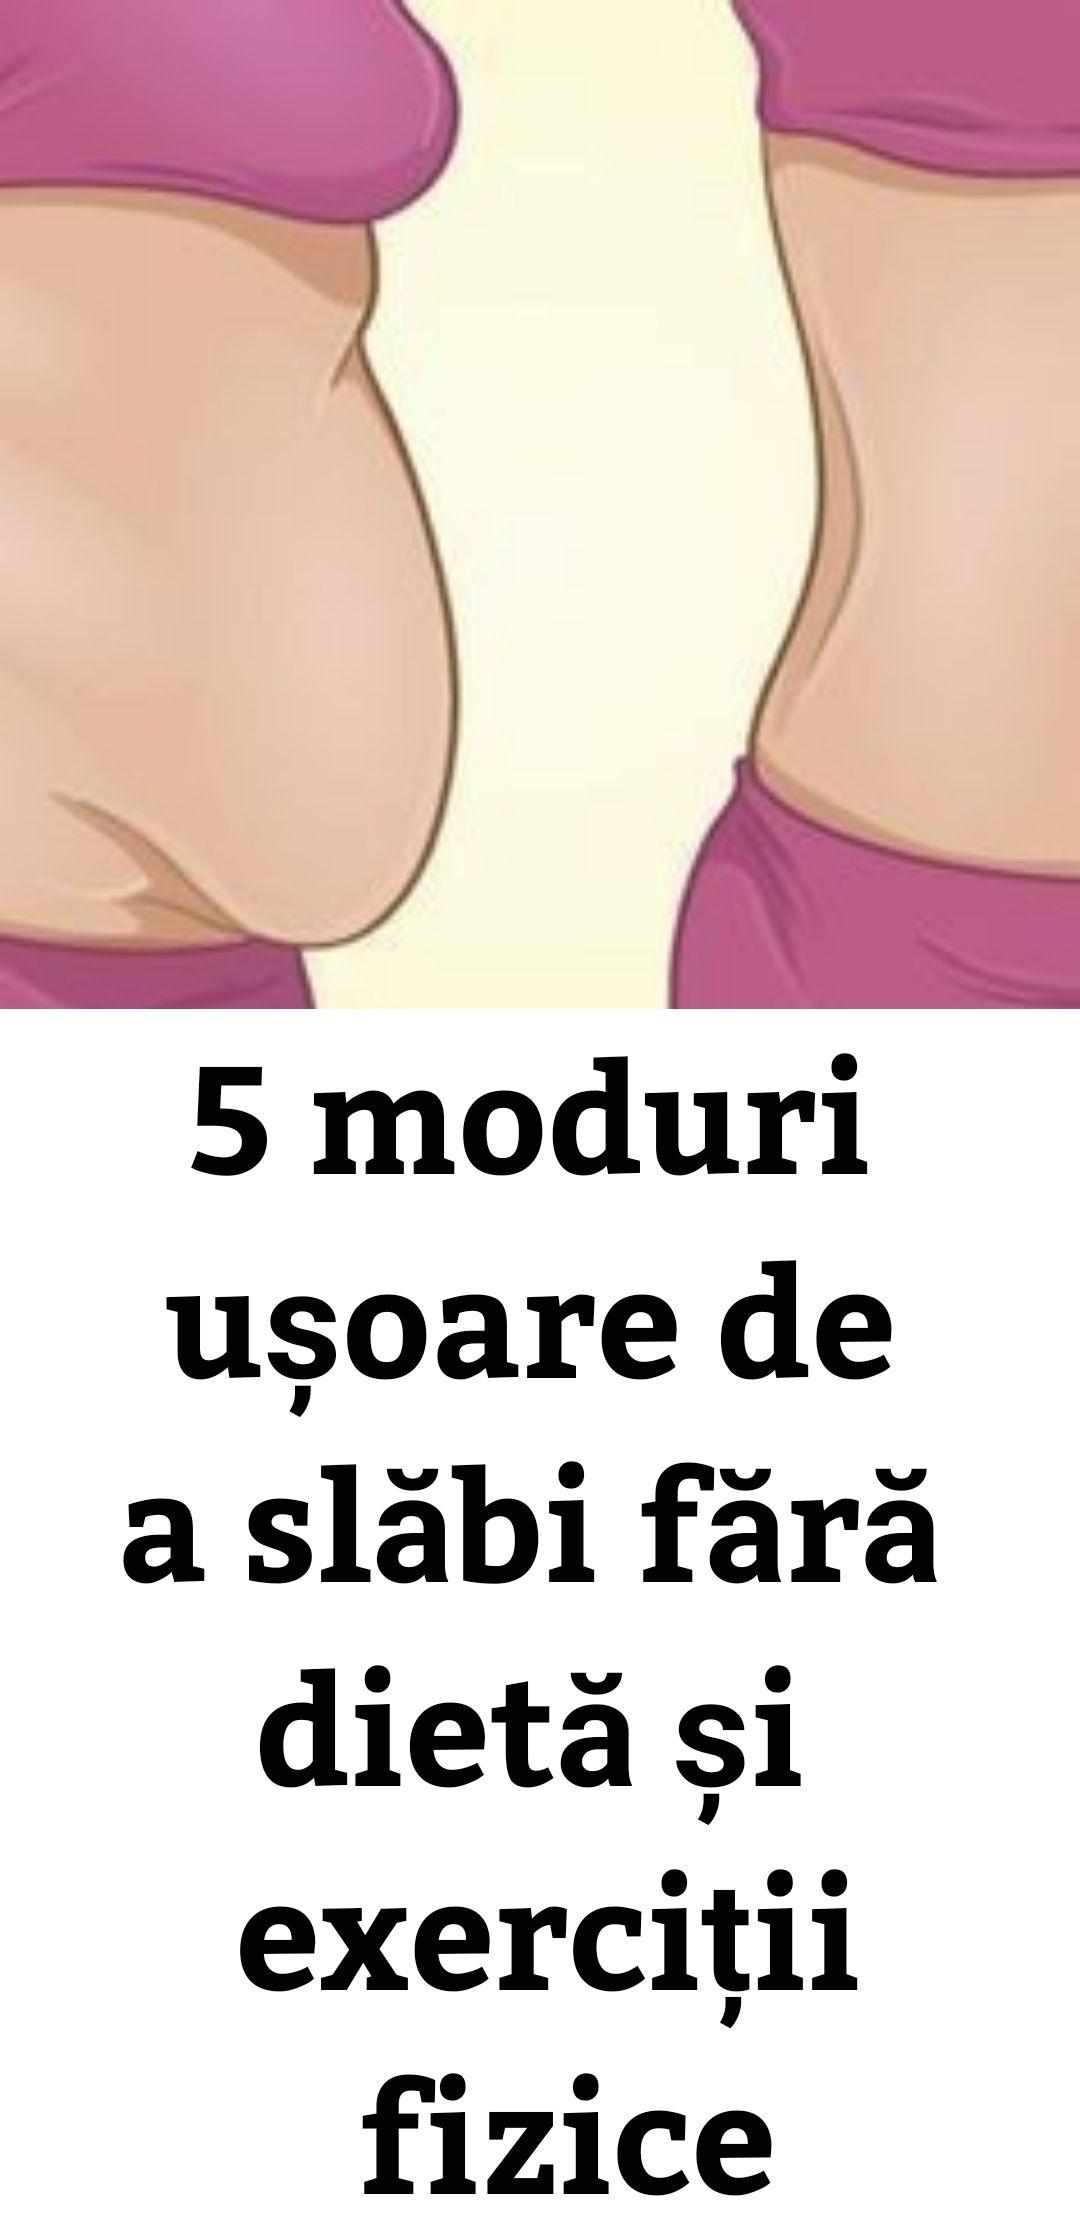 Pierdere în greutate de 5 lire într-o săptămână)